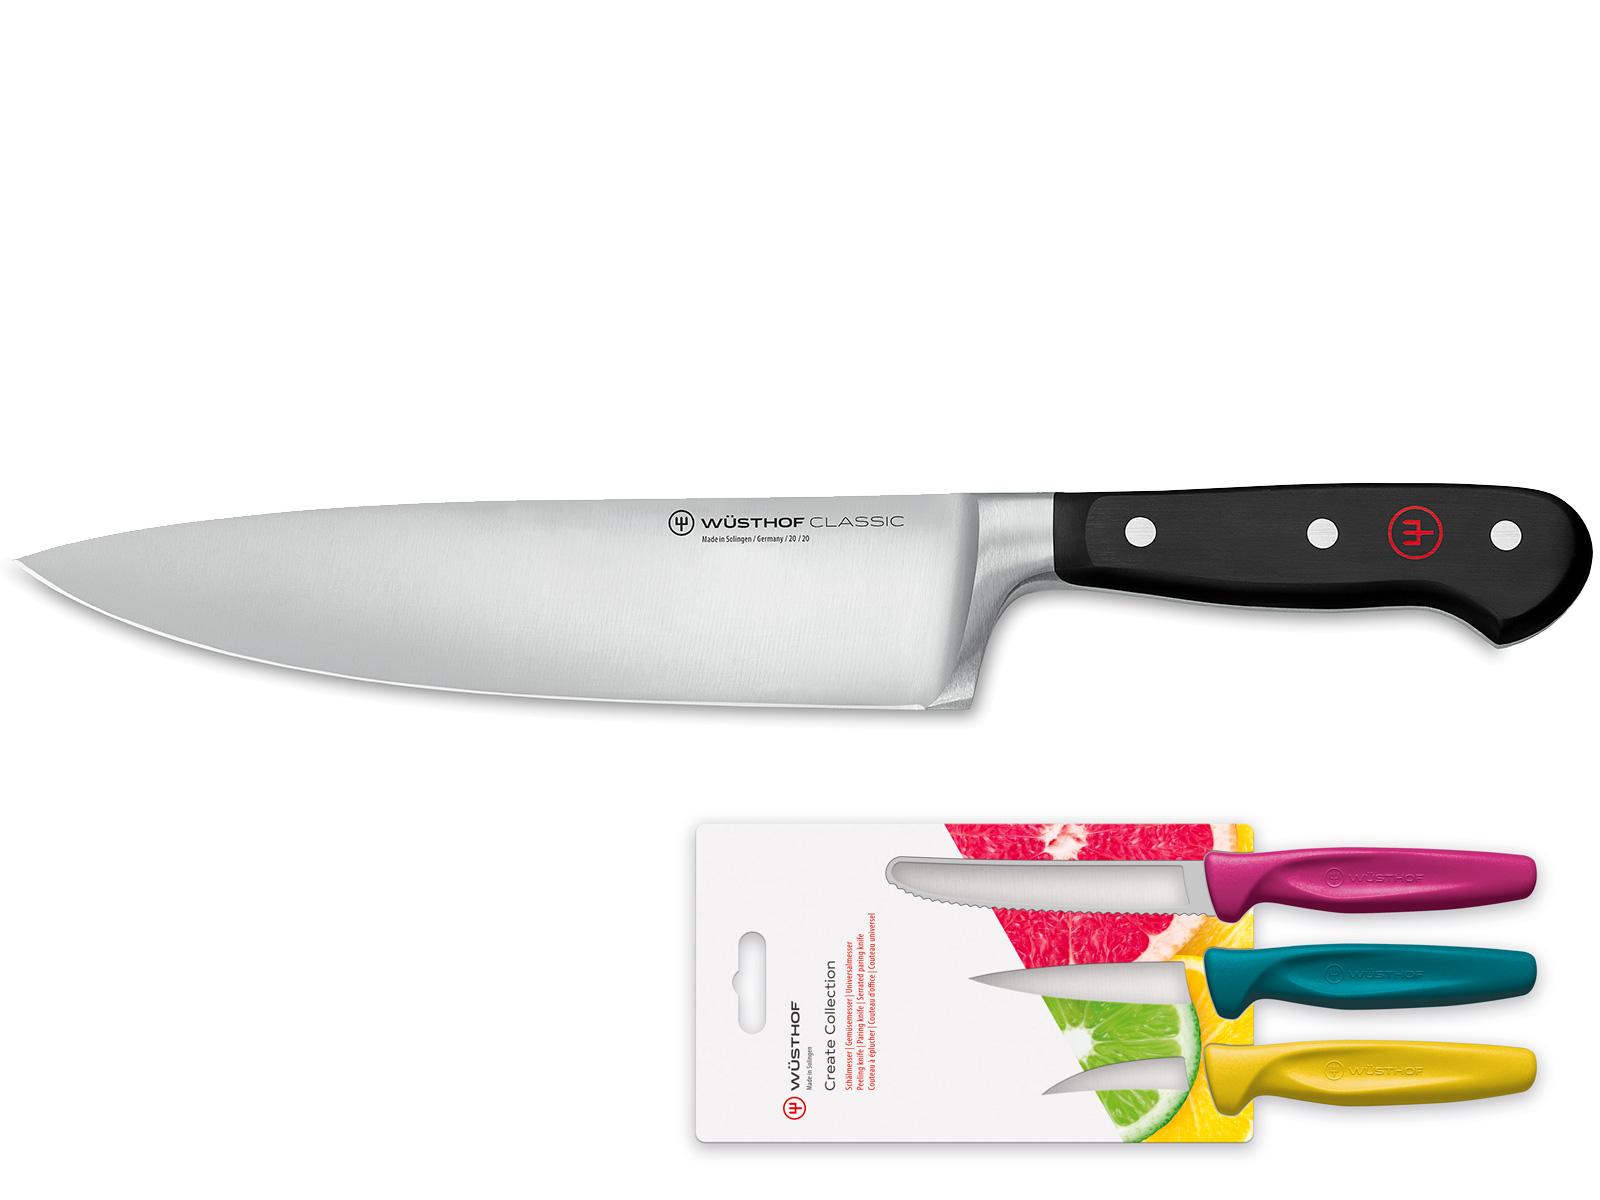 Kuchársky nôž 2v1 20 cm + sada farebných nožov ZDARMA WÜSTHOF